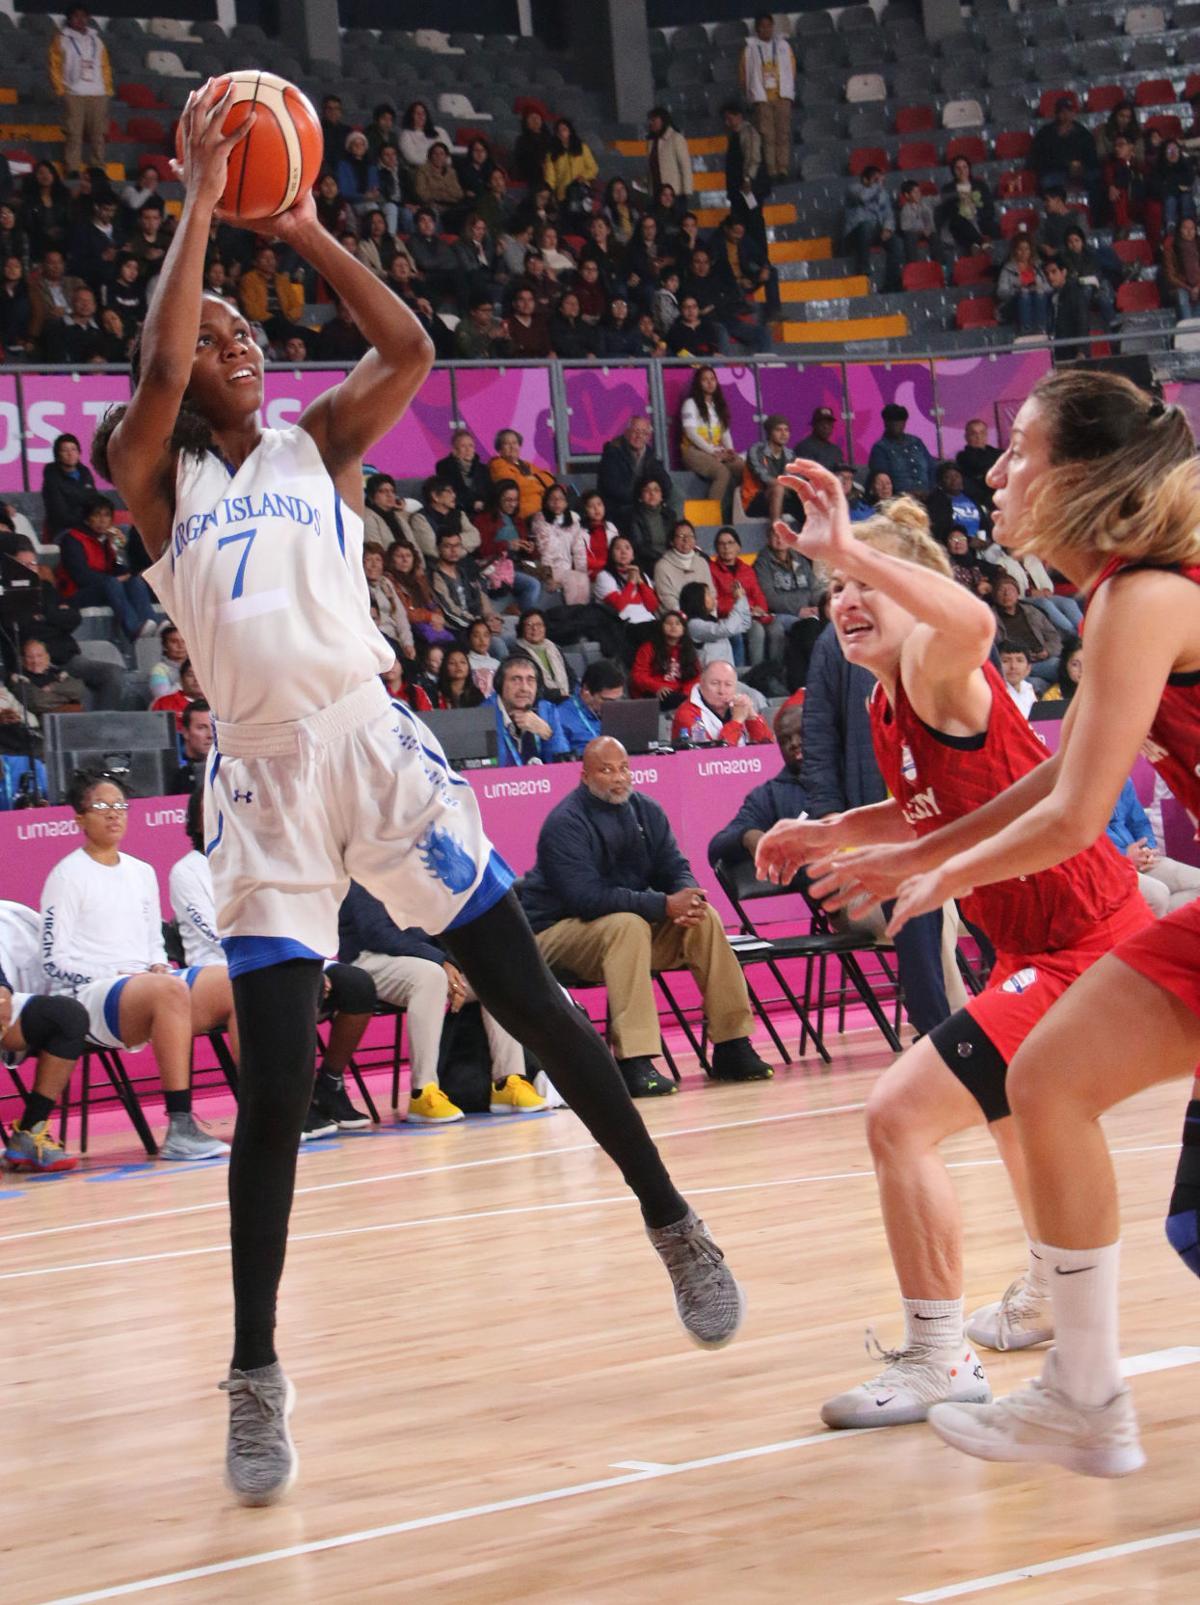 spt190810_Pan Am Games USVI Paraguay 02